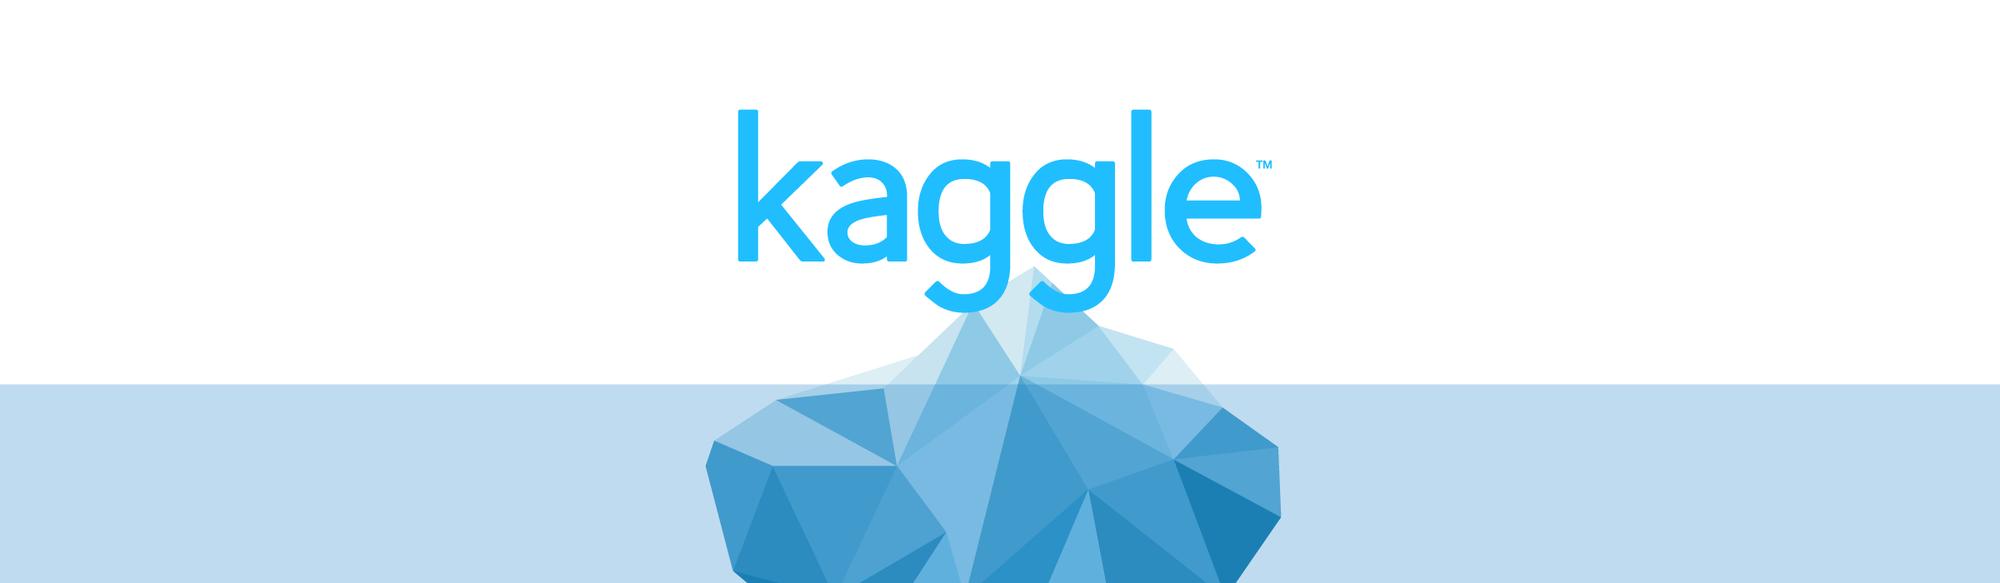 kaggle.png